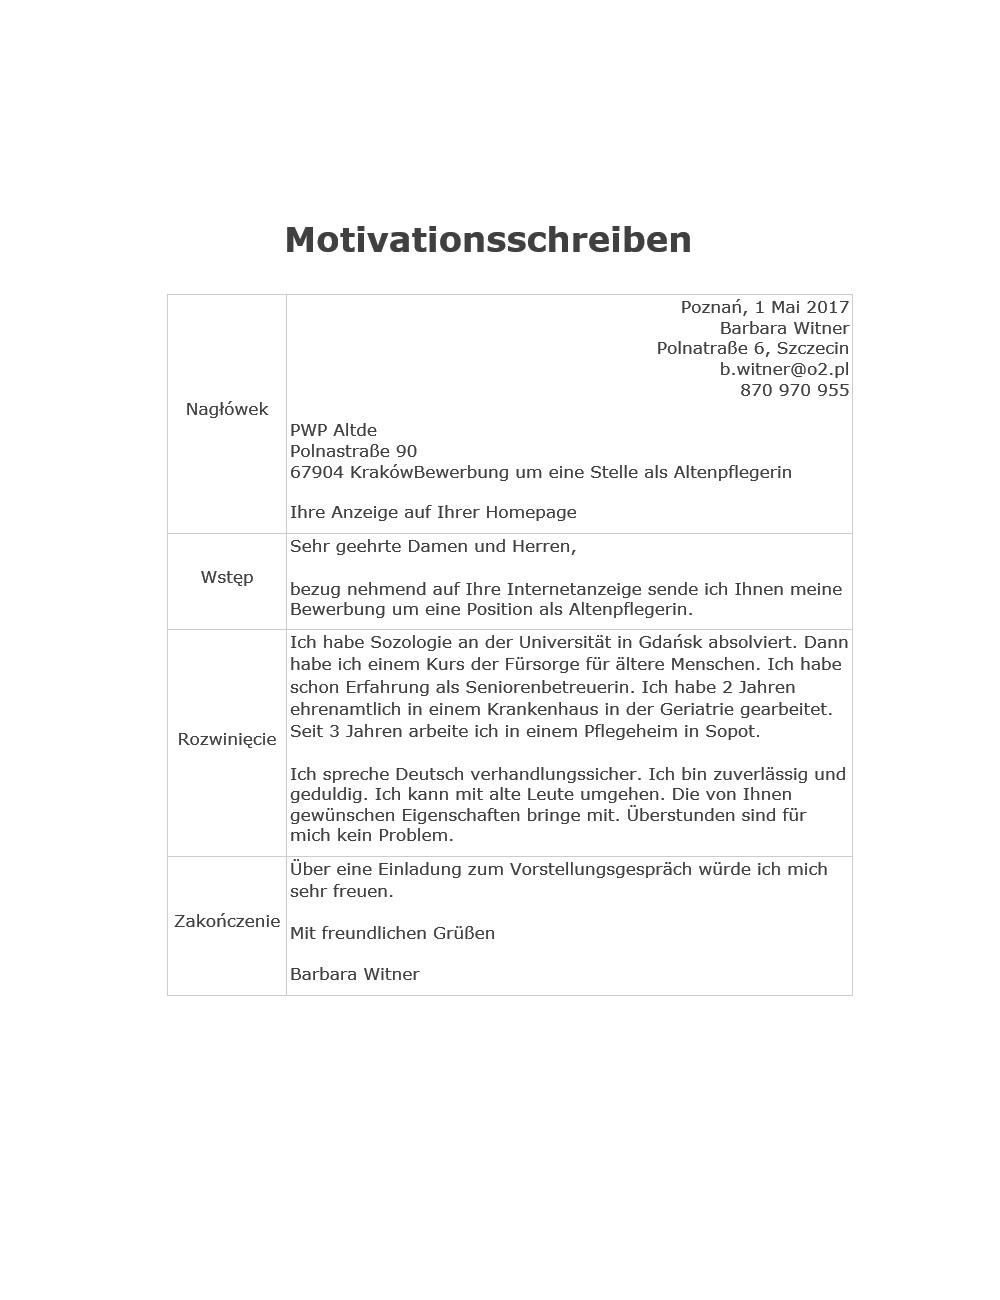 Wzory Listu Motywacyjnego Po Niemiecku 3 Przykłady Z Tłumaczeniem